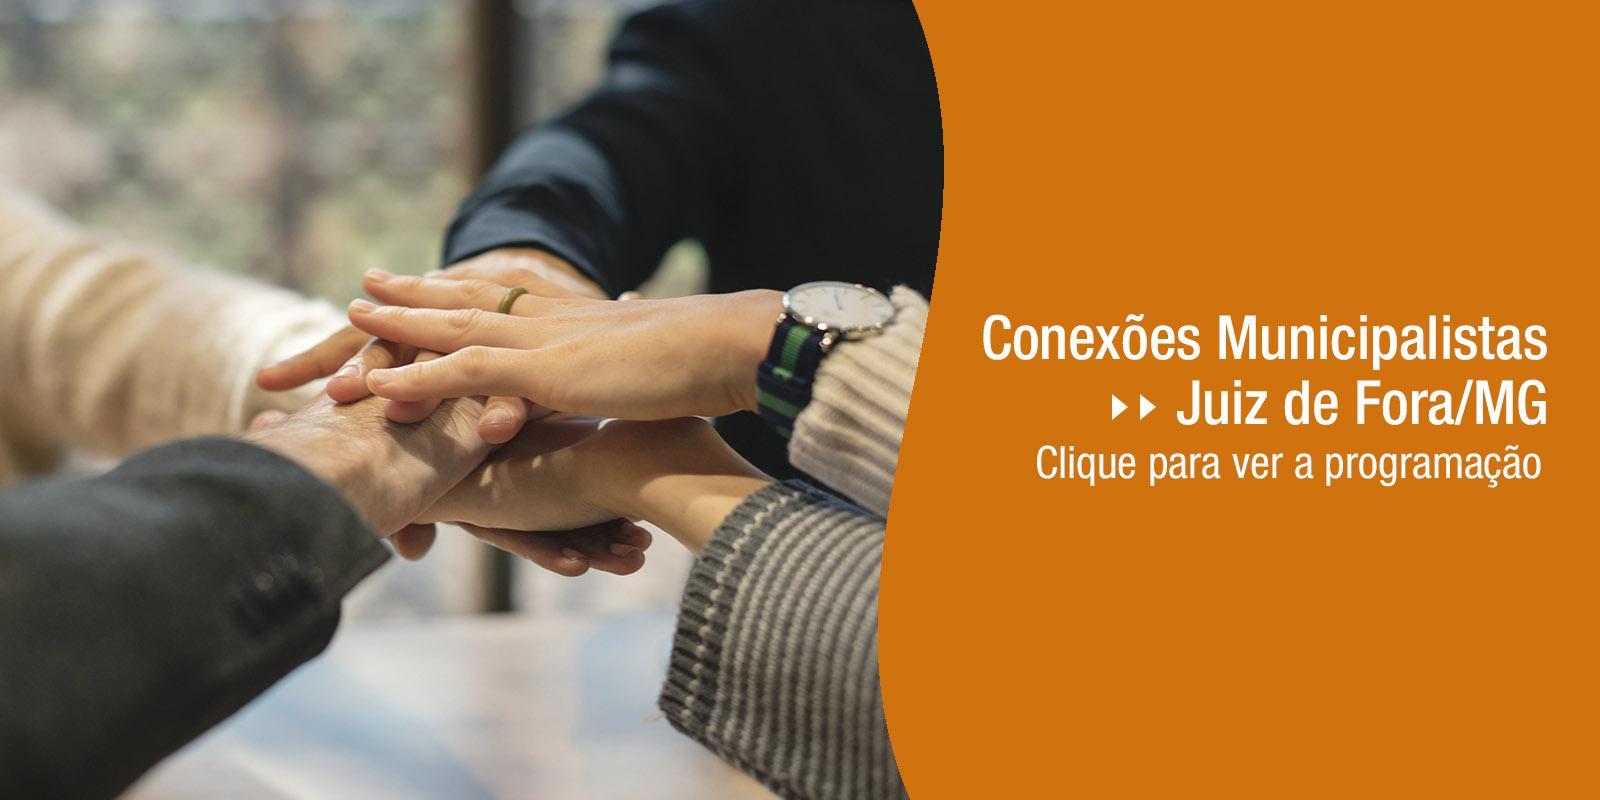 A CNM realizará em Juiz de Fora no dia 23/10 o Conexões Municipalistas. Veja a programação e inscreva-se.